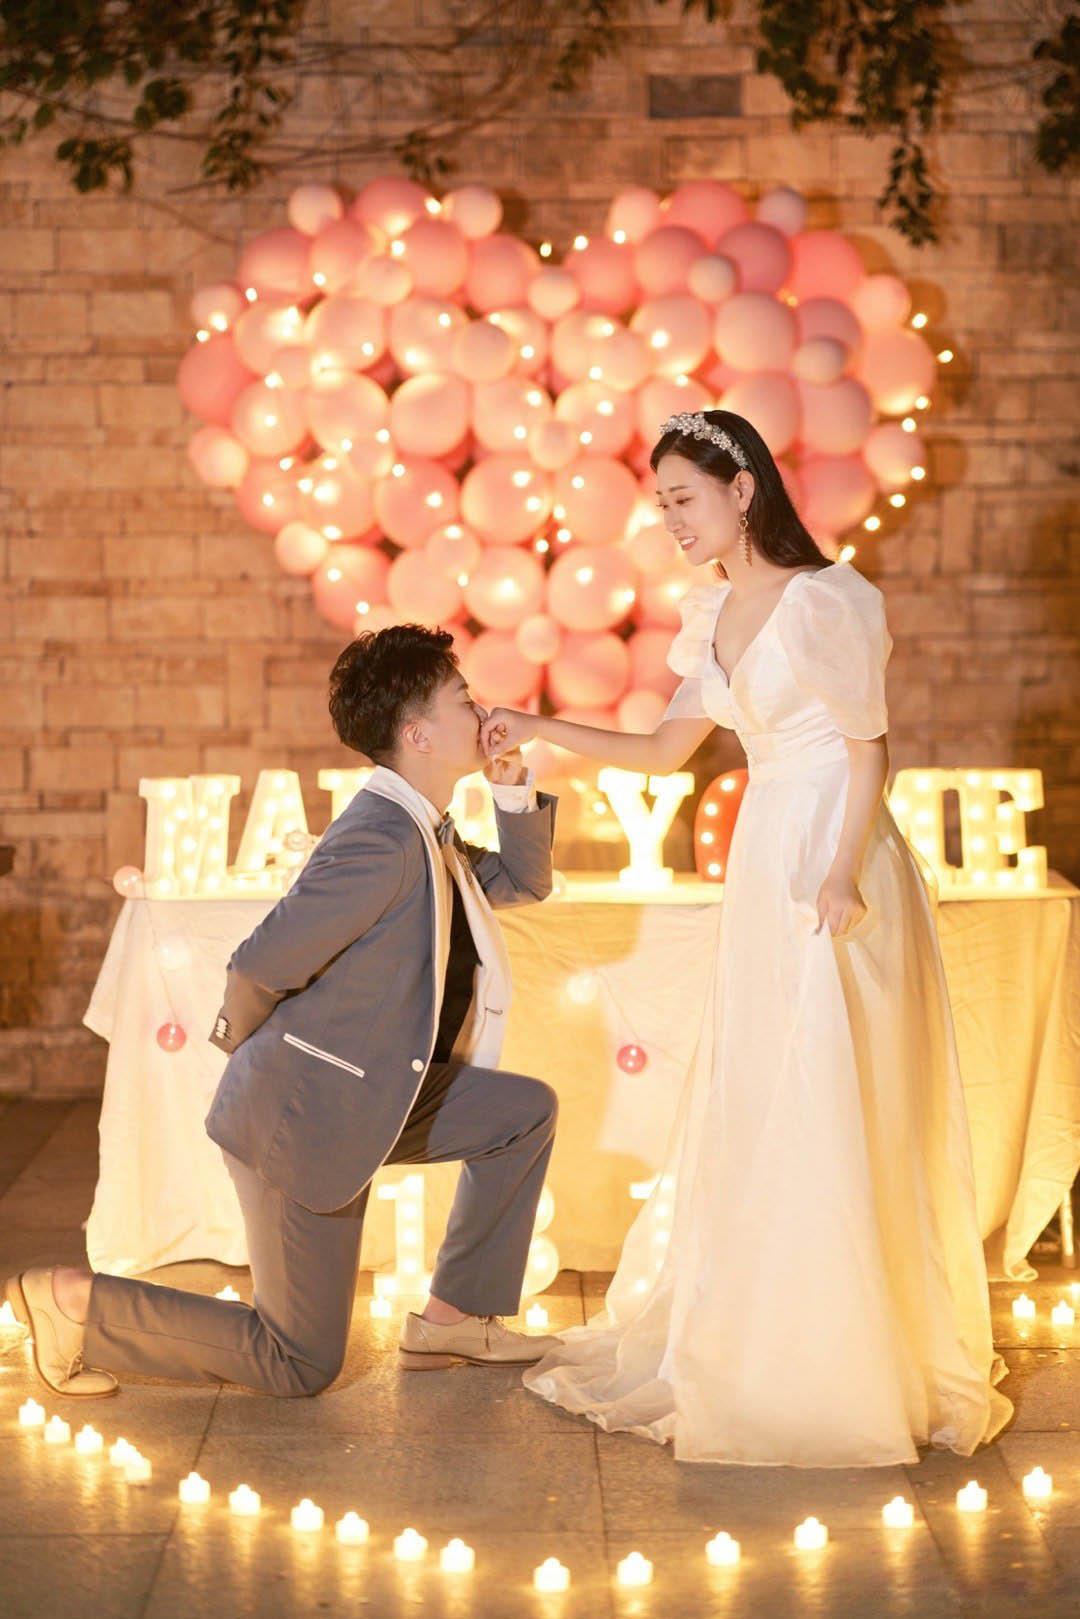 铂爵旅拍婚纱照 厦门旅拍婚纱摄影体验分享